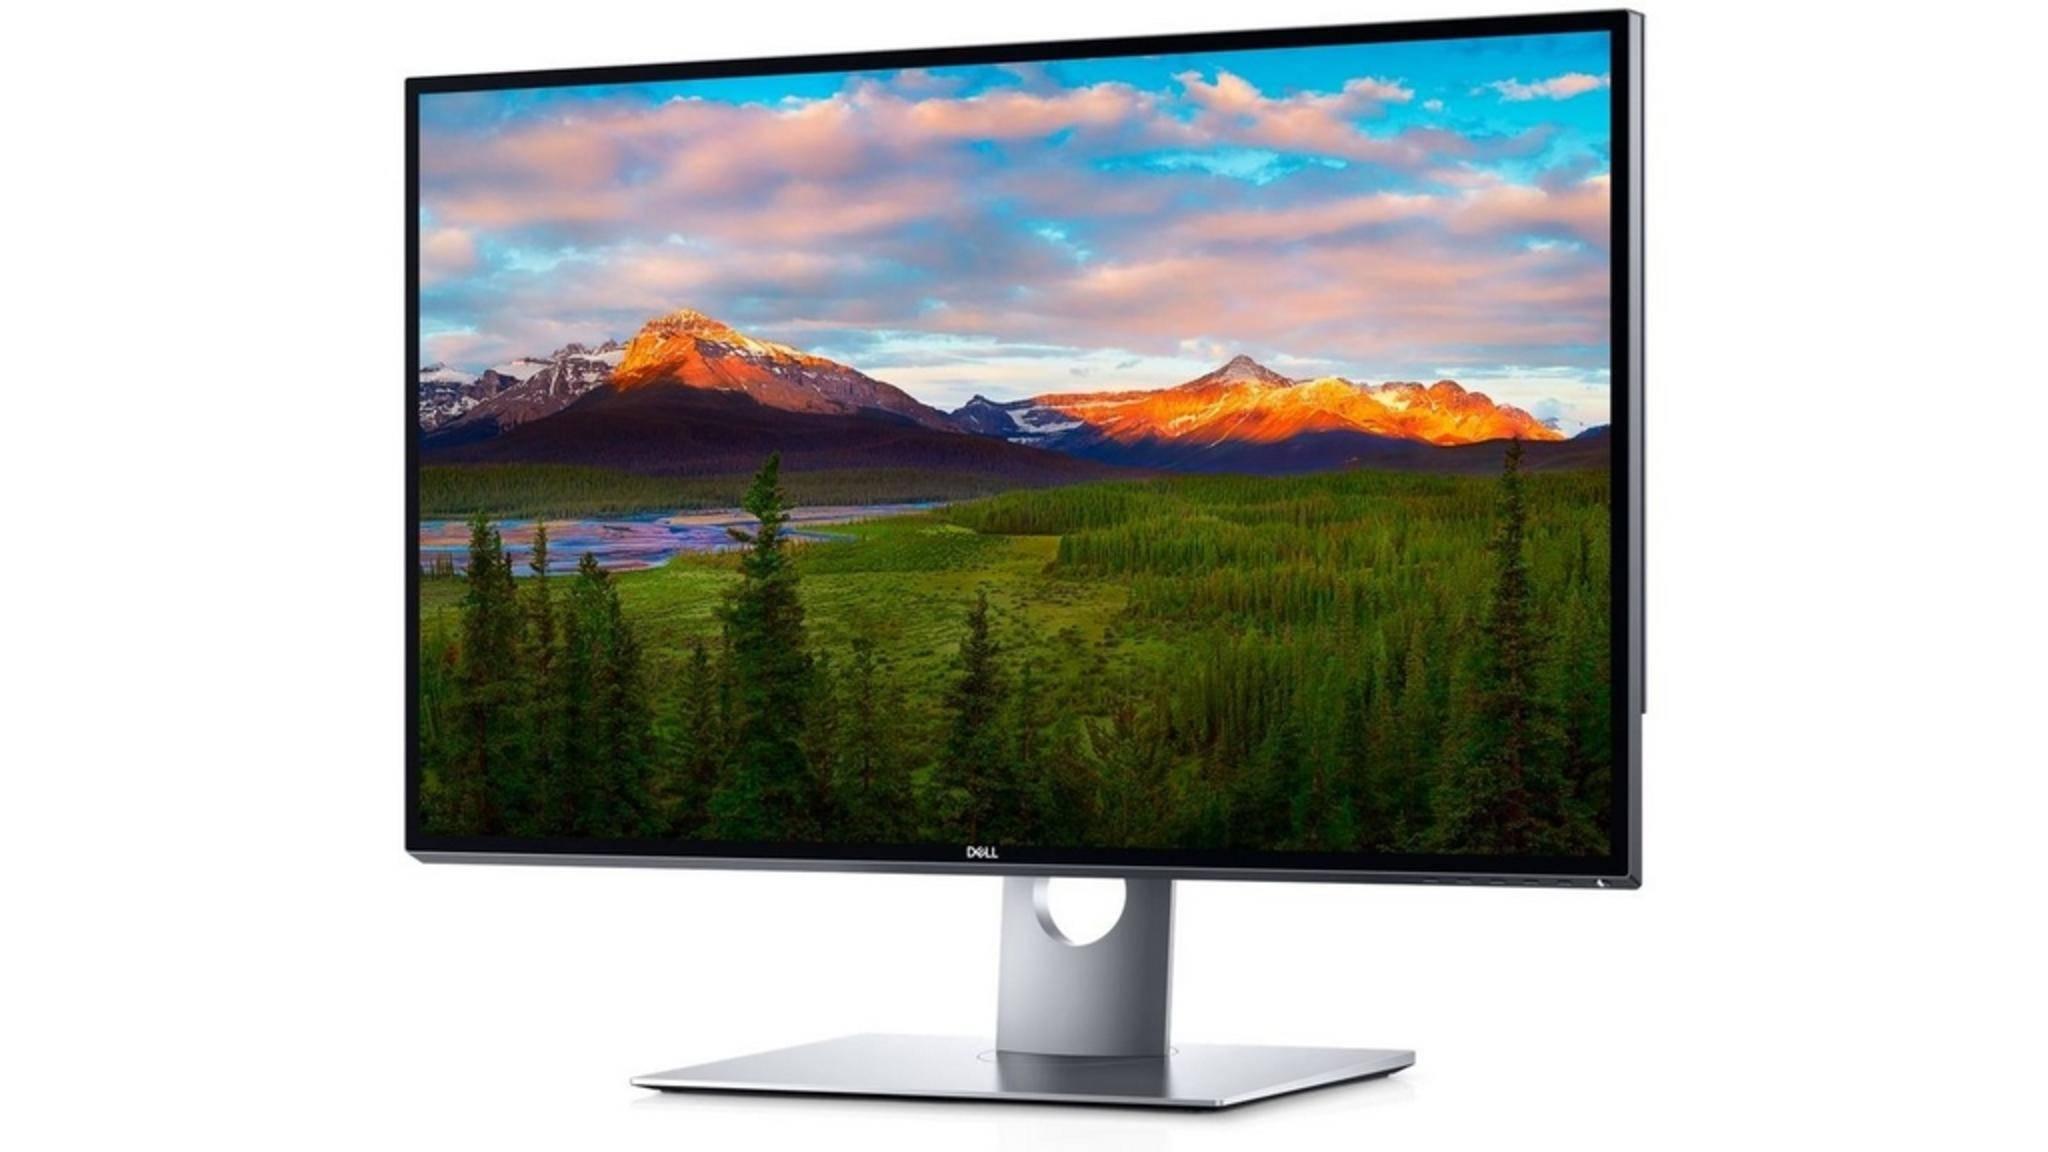 Dell bringt den ersten 8K-Monitor für Endkunden auf den Markt.